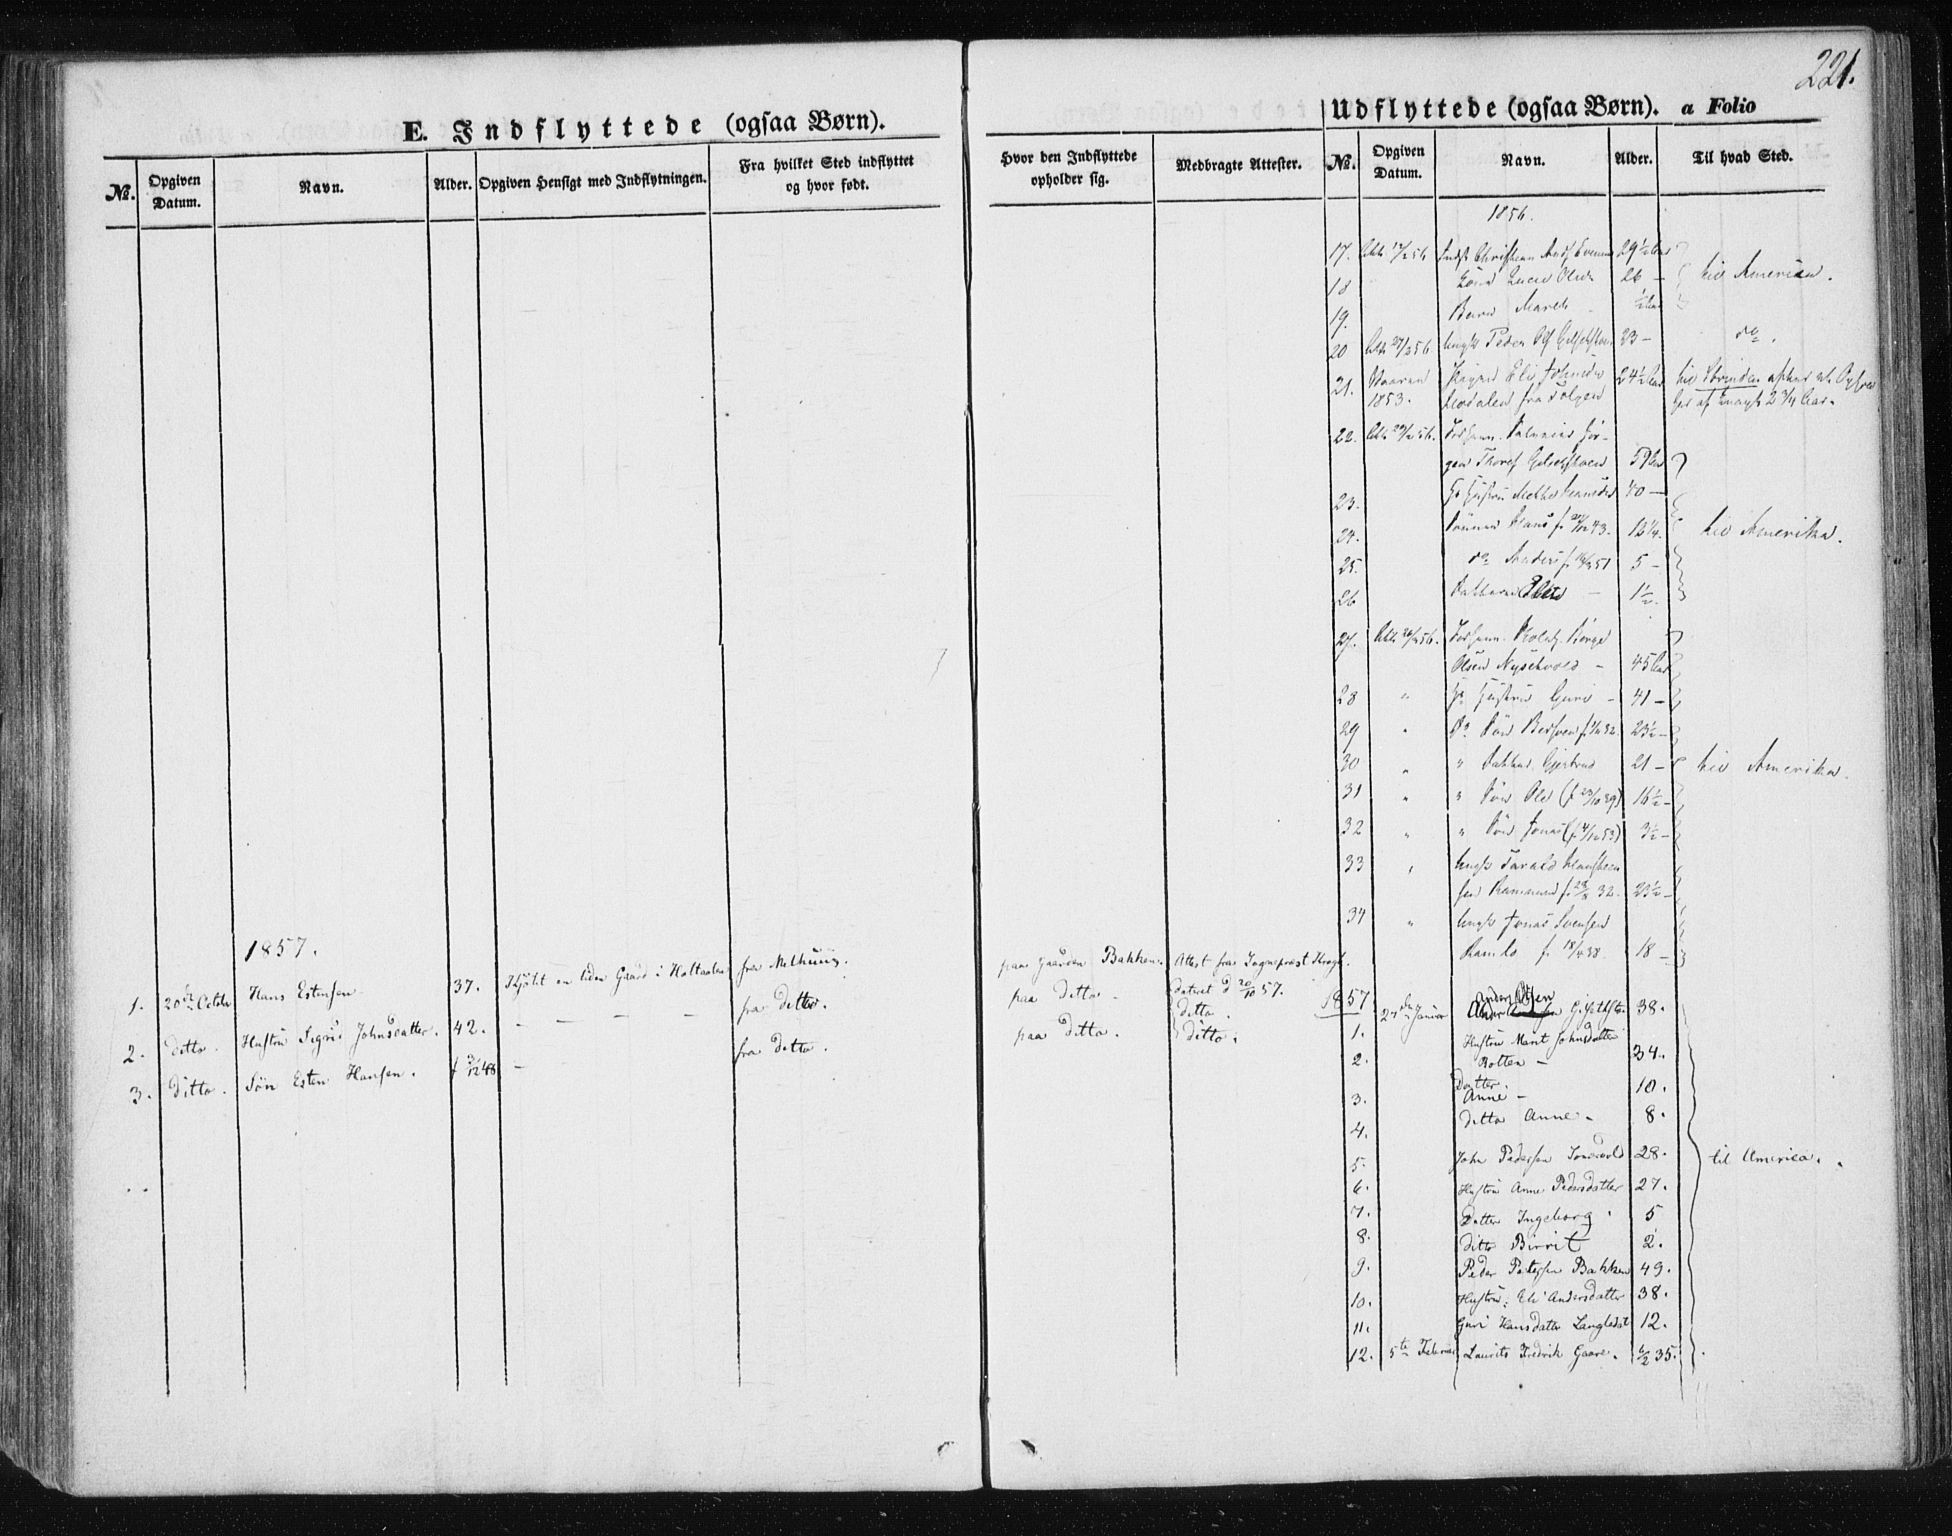 SAT, Ministerialprotokoller, klokkerbøker og fødselsregistre - Sør-Trøndelag, 685/L0963: Ministerialbok nr. 685A06 /1, 1846-1859, s. 221